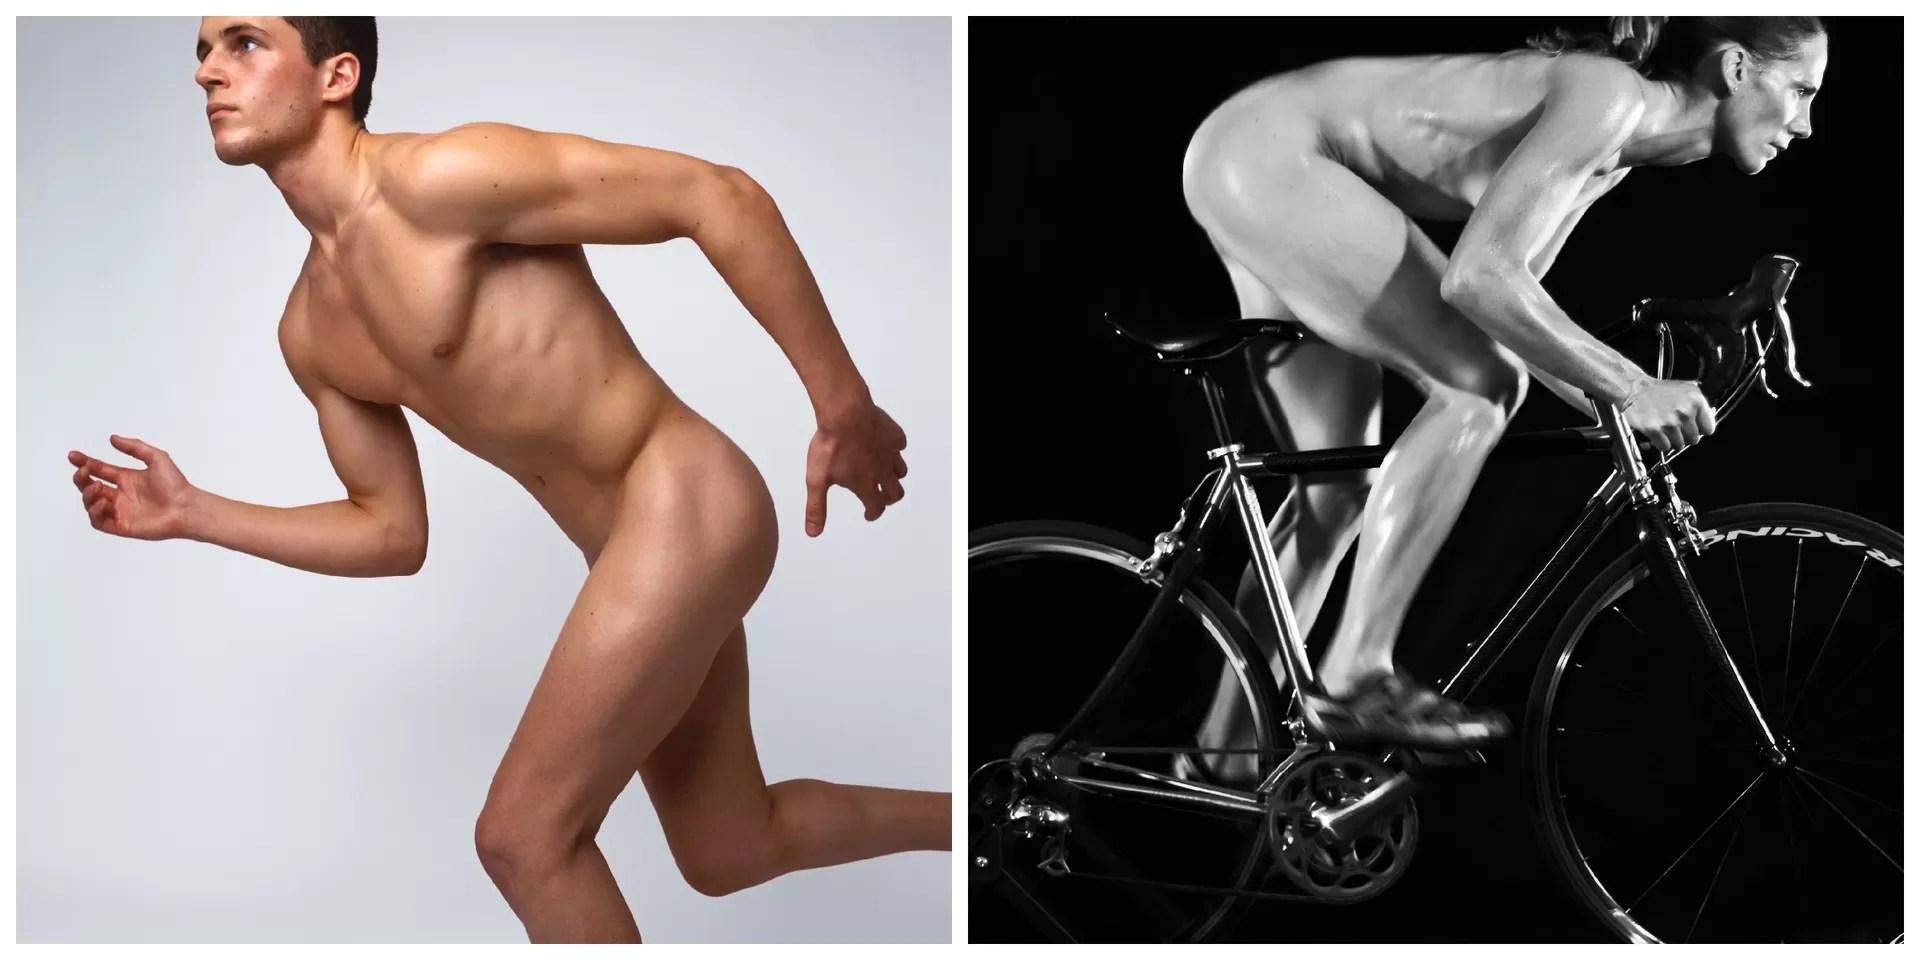 montagem eu atleta nu (Foto: Getty Images)